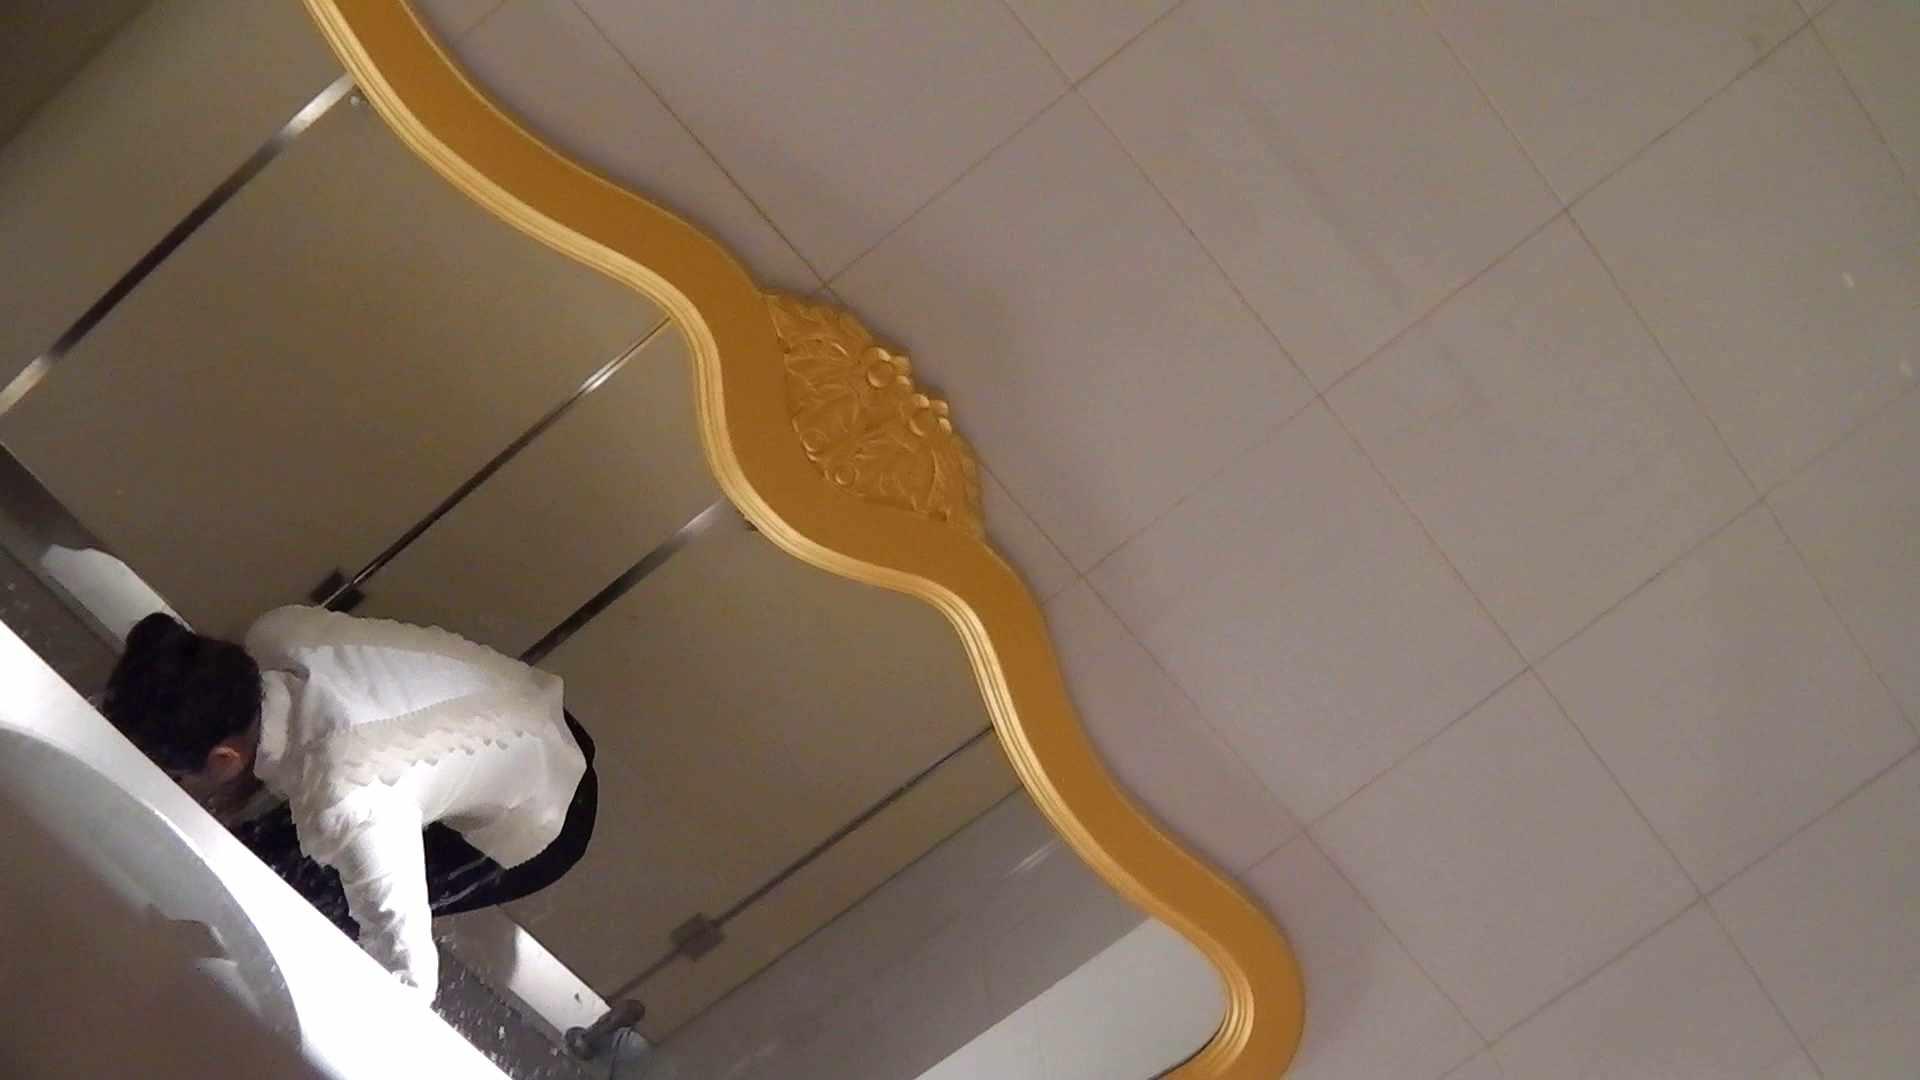 洗寿観音さんの 化粧室は四面楚歌Nol.2 エッチすぎるOL達 | 洗面所  97連発 87